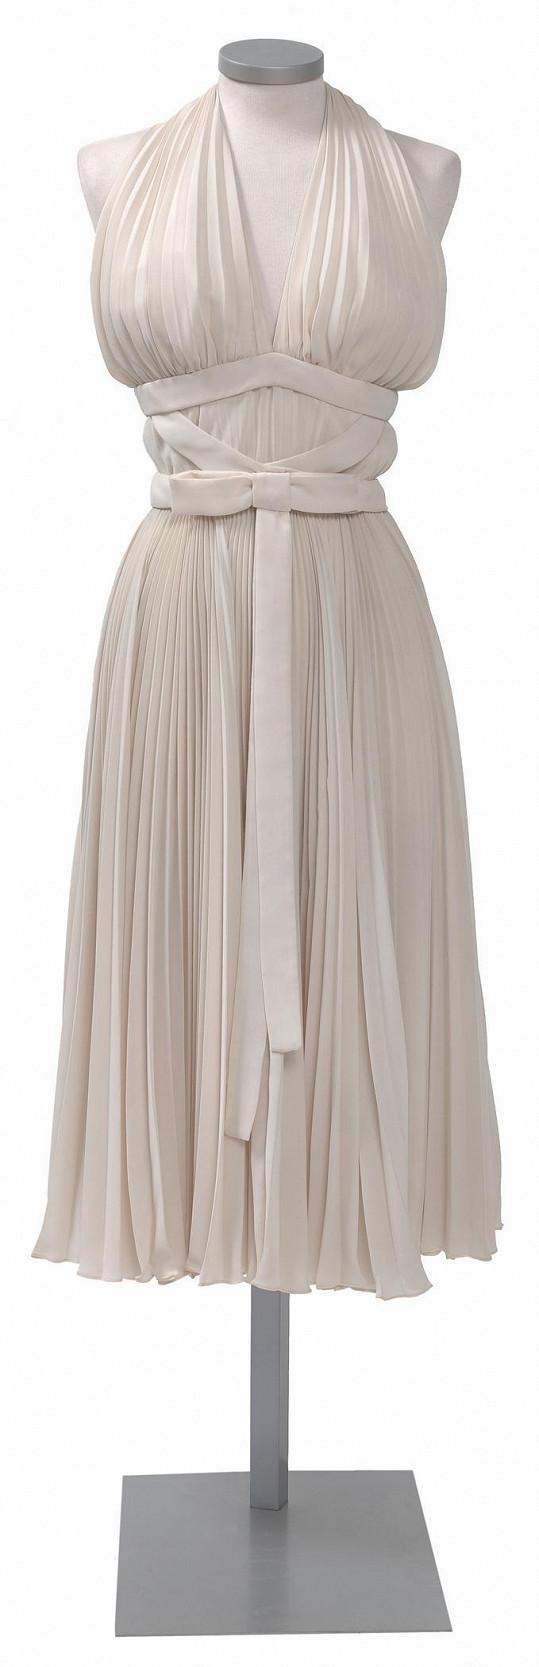 Nebudou chybět šaty s plisovanou sukní z filmu Slaměný vdovec.